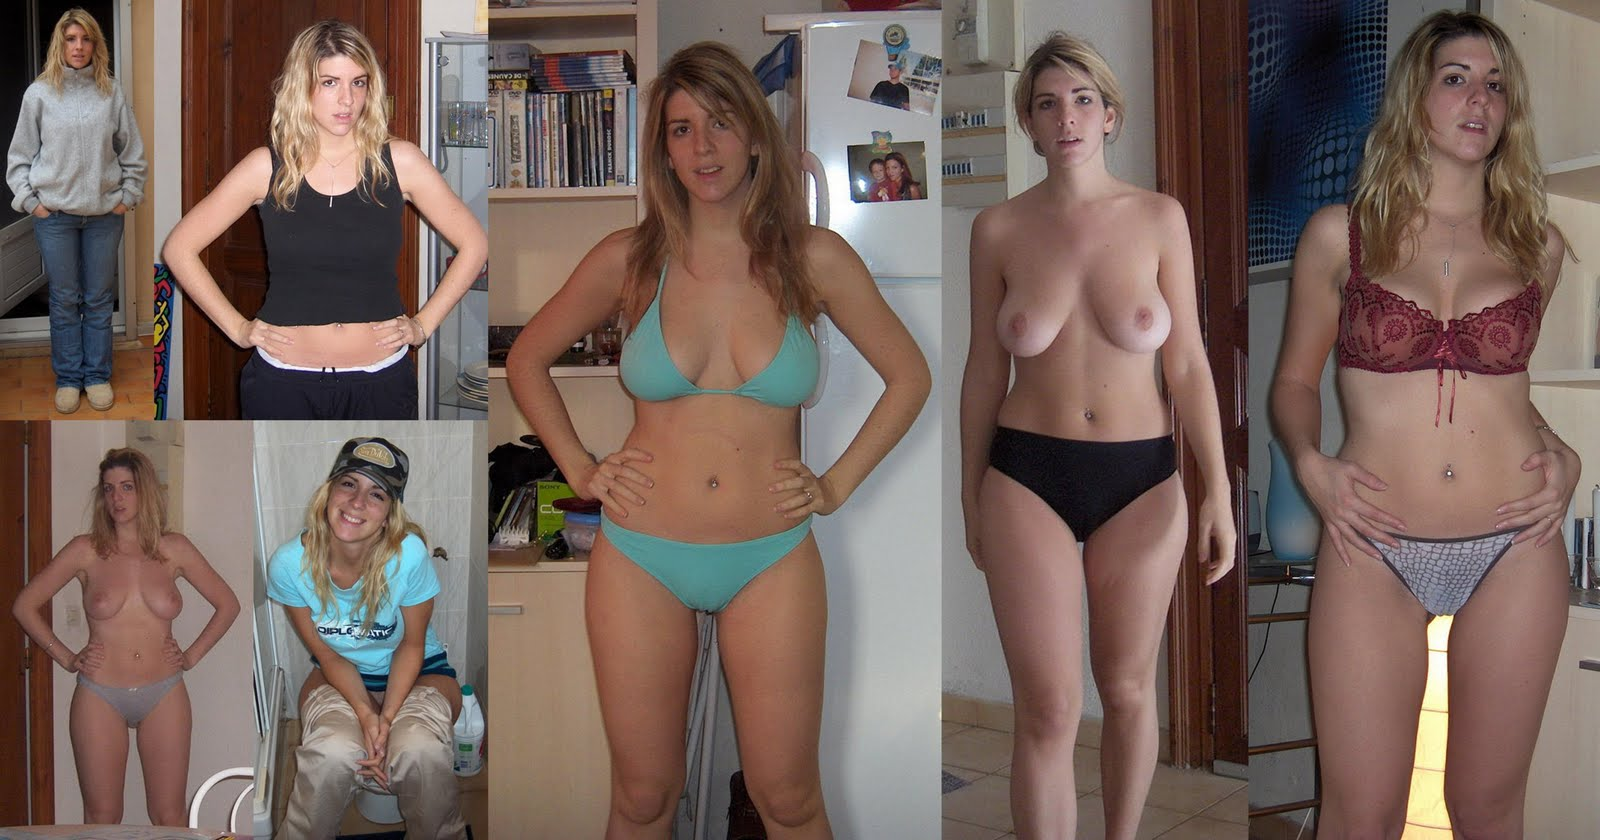 10 desnudos de mujeres - Top 10 Listas